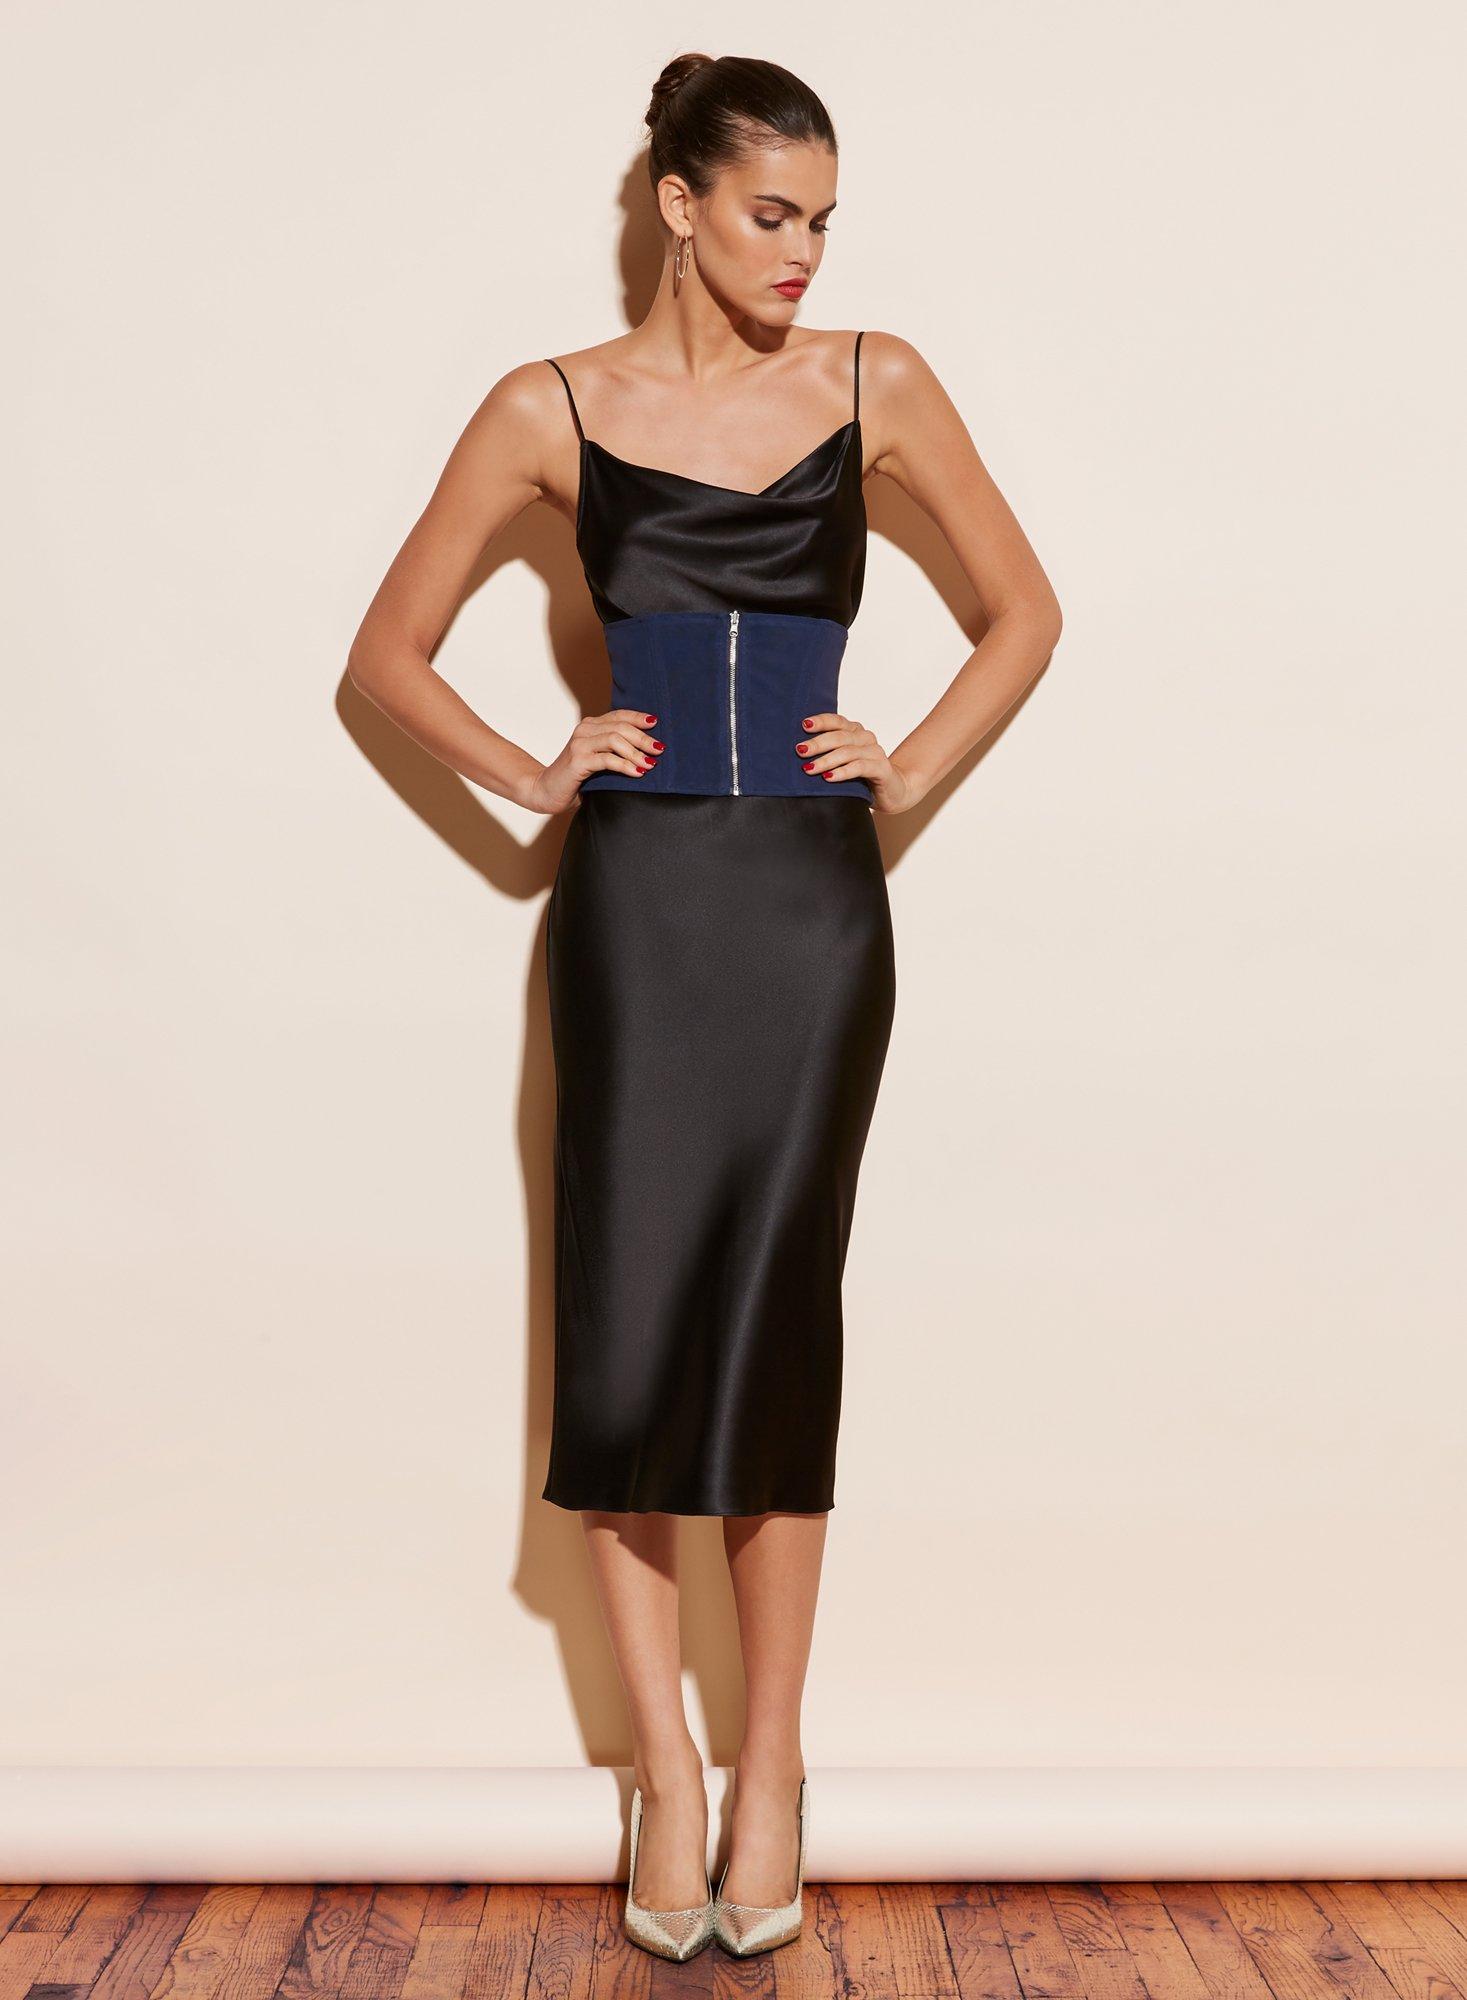 cô gái mặc đầm dây đen và thắt lưng corset